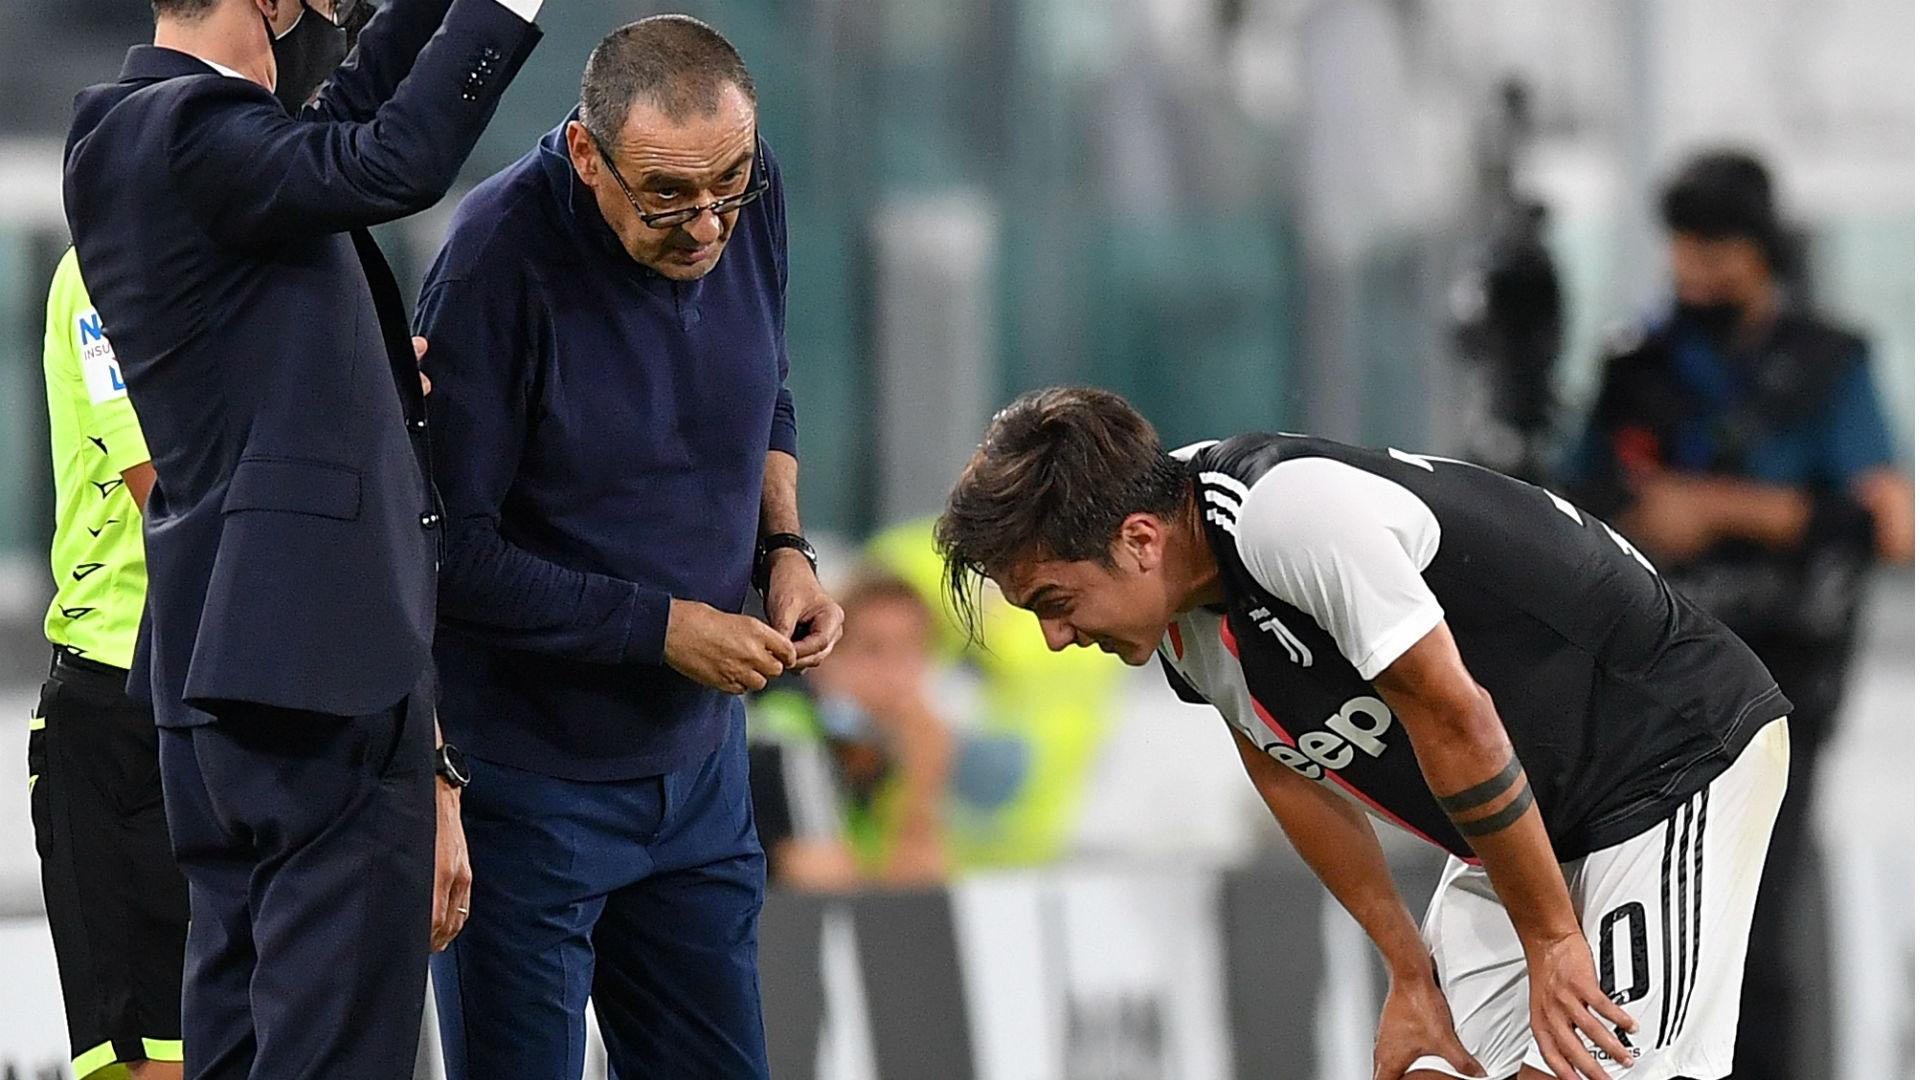 Flinke domper Juventus elf dagen voor cruciale Champions League ...